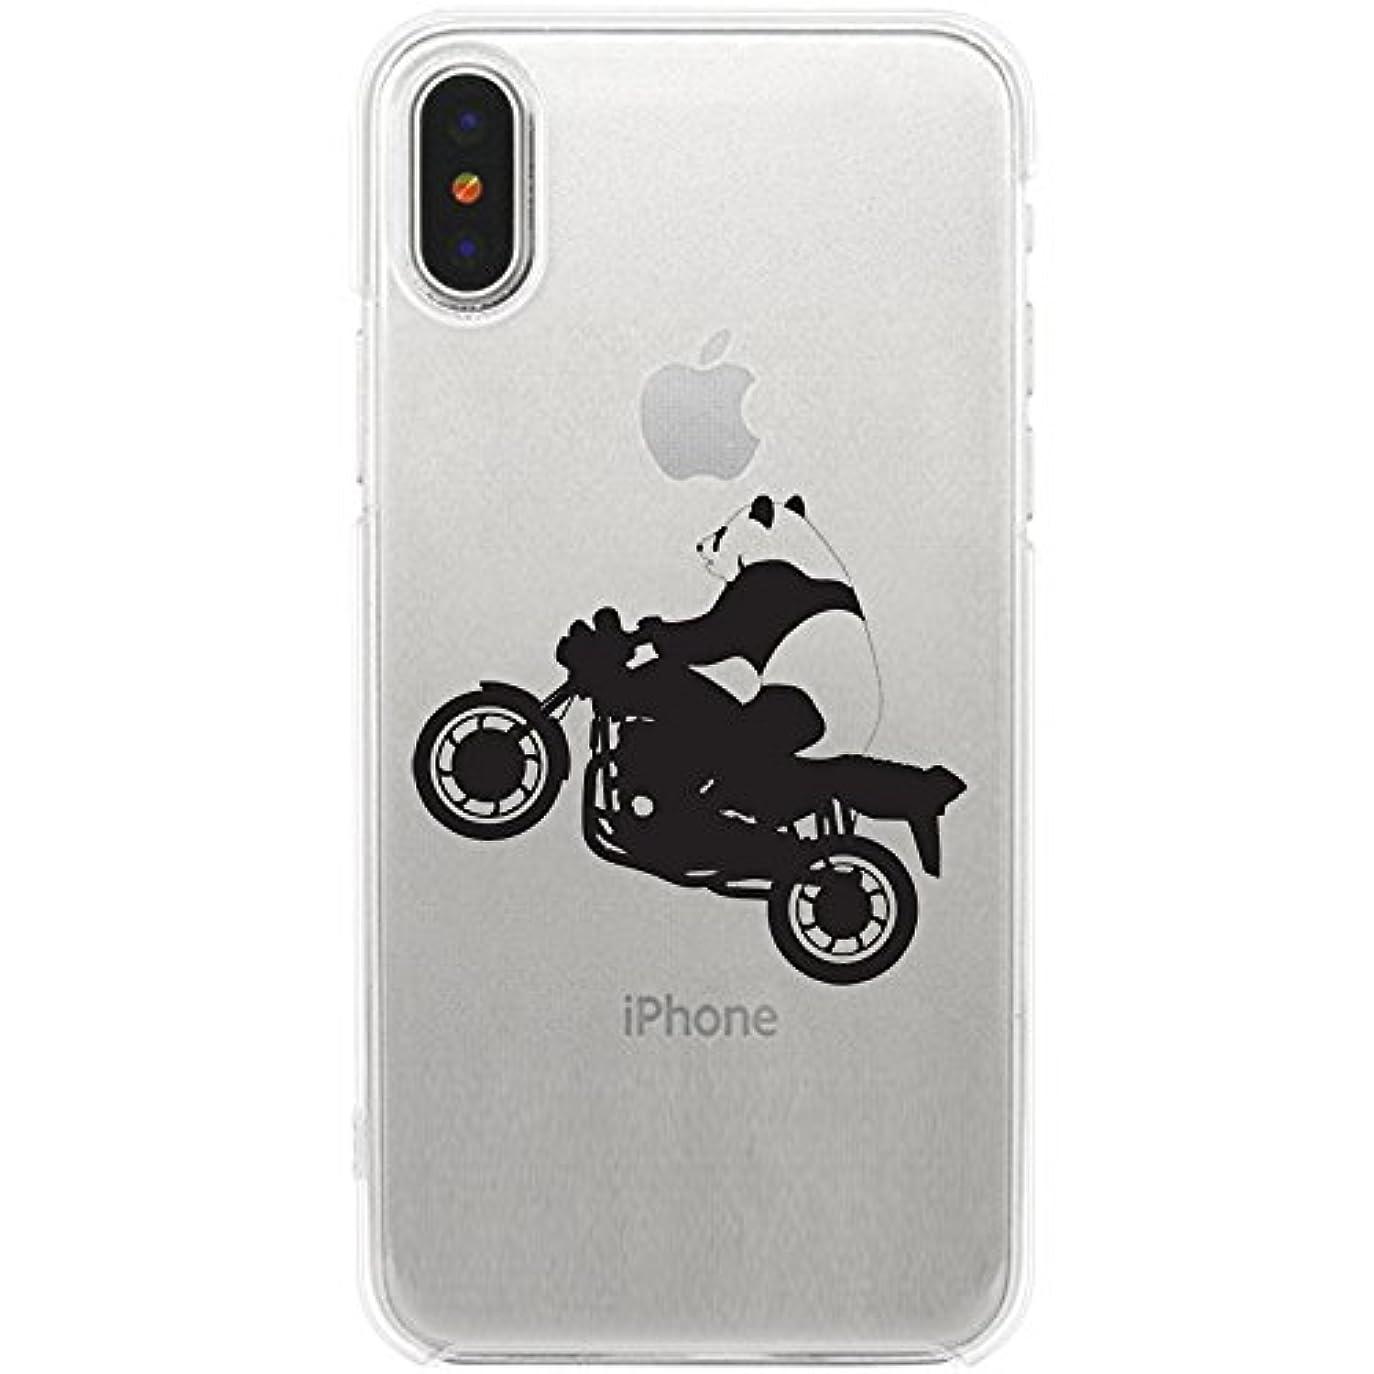 ブレーキ兵器庫星iPhone X ソフトケース TPU クリア パンダバイク 888-72262